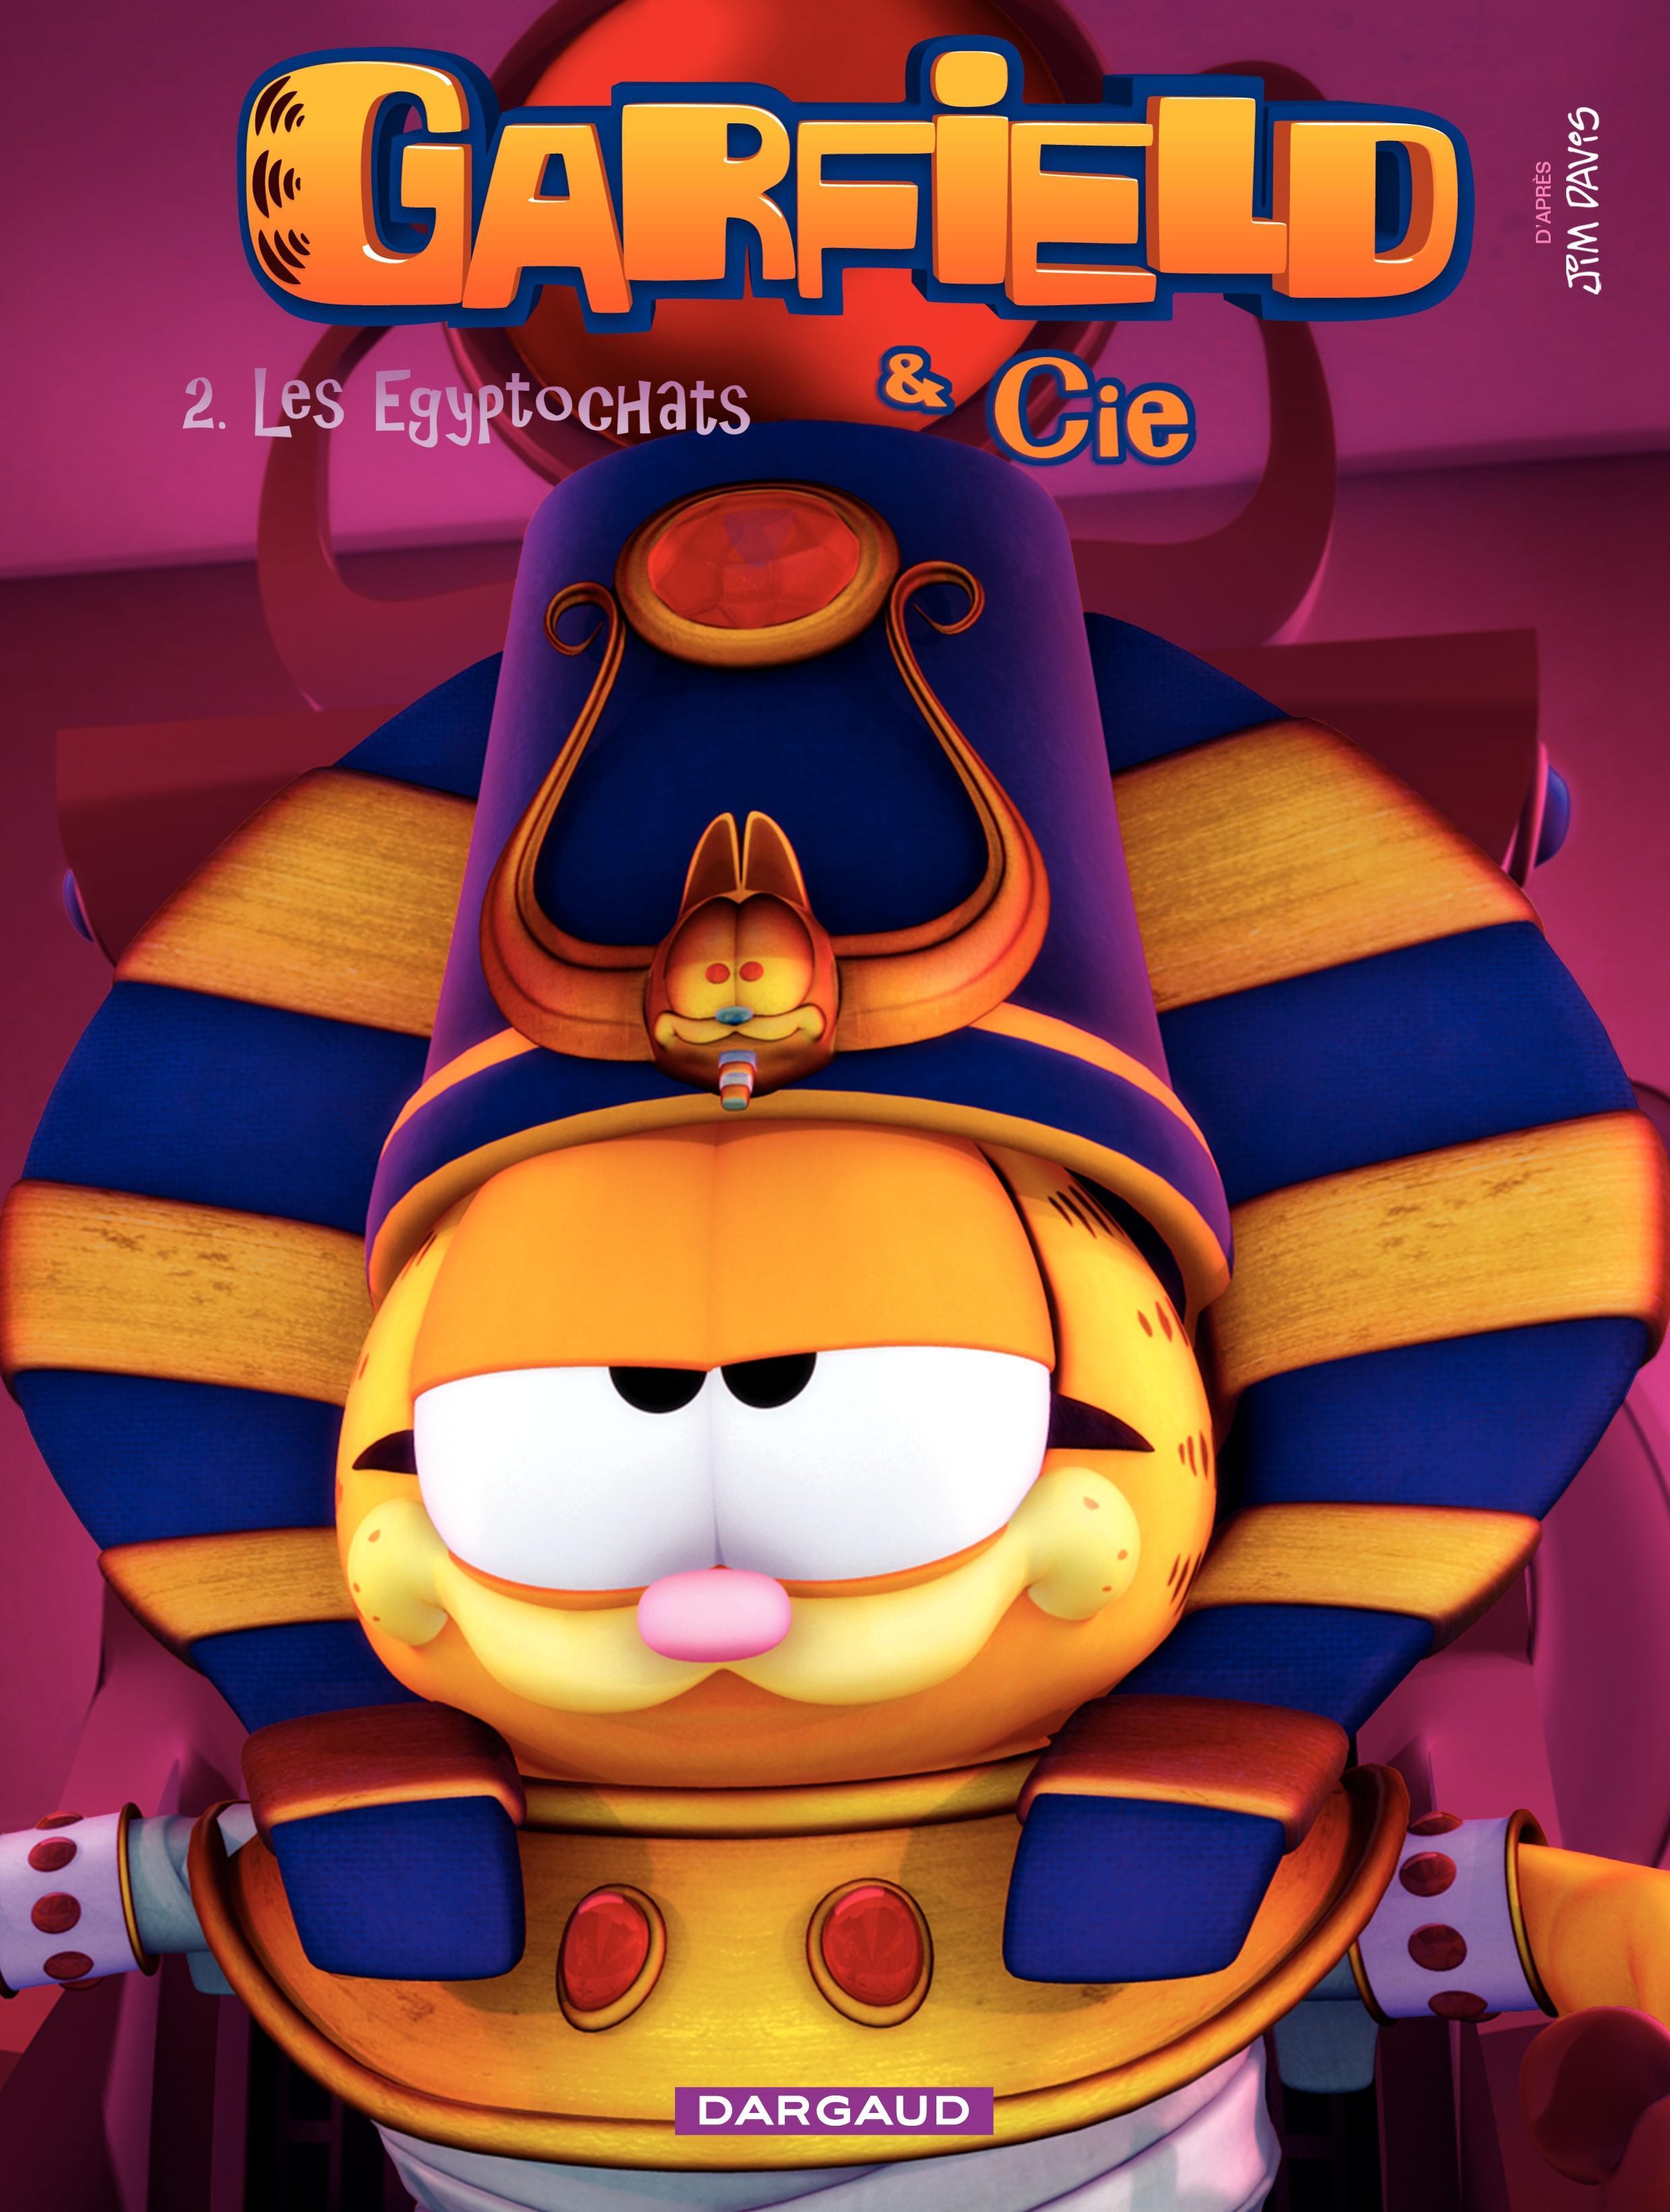 Garfield et Cie - Tome 2 - Egyptochat (2)